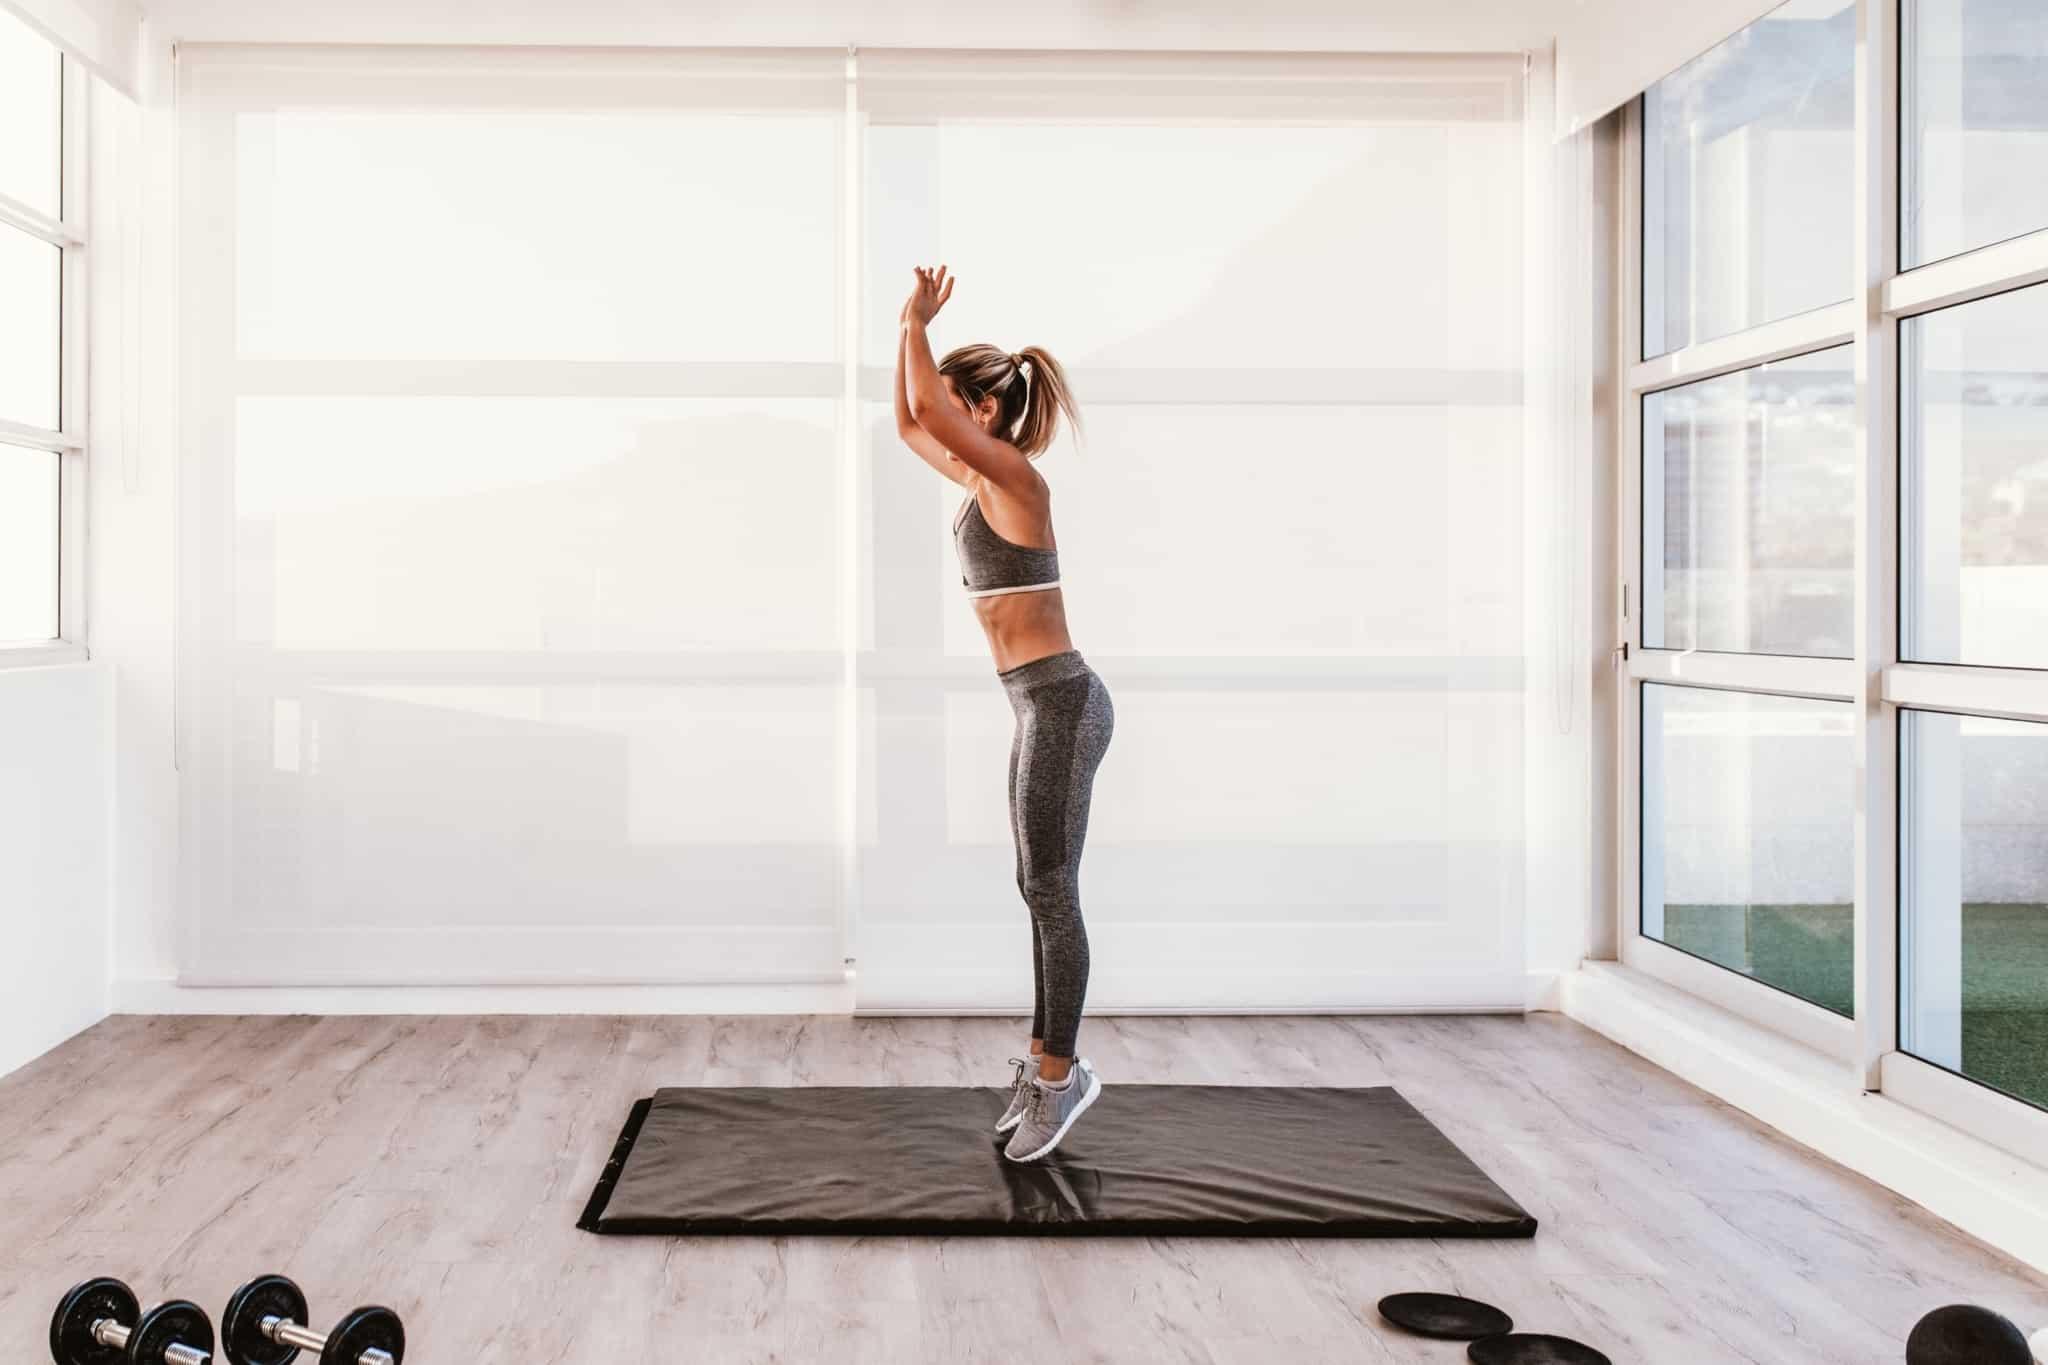 rapariga de fato de treino a treinar em casa em cima de um colchao cinzento